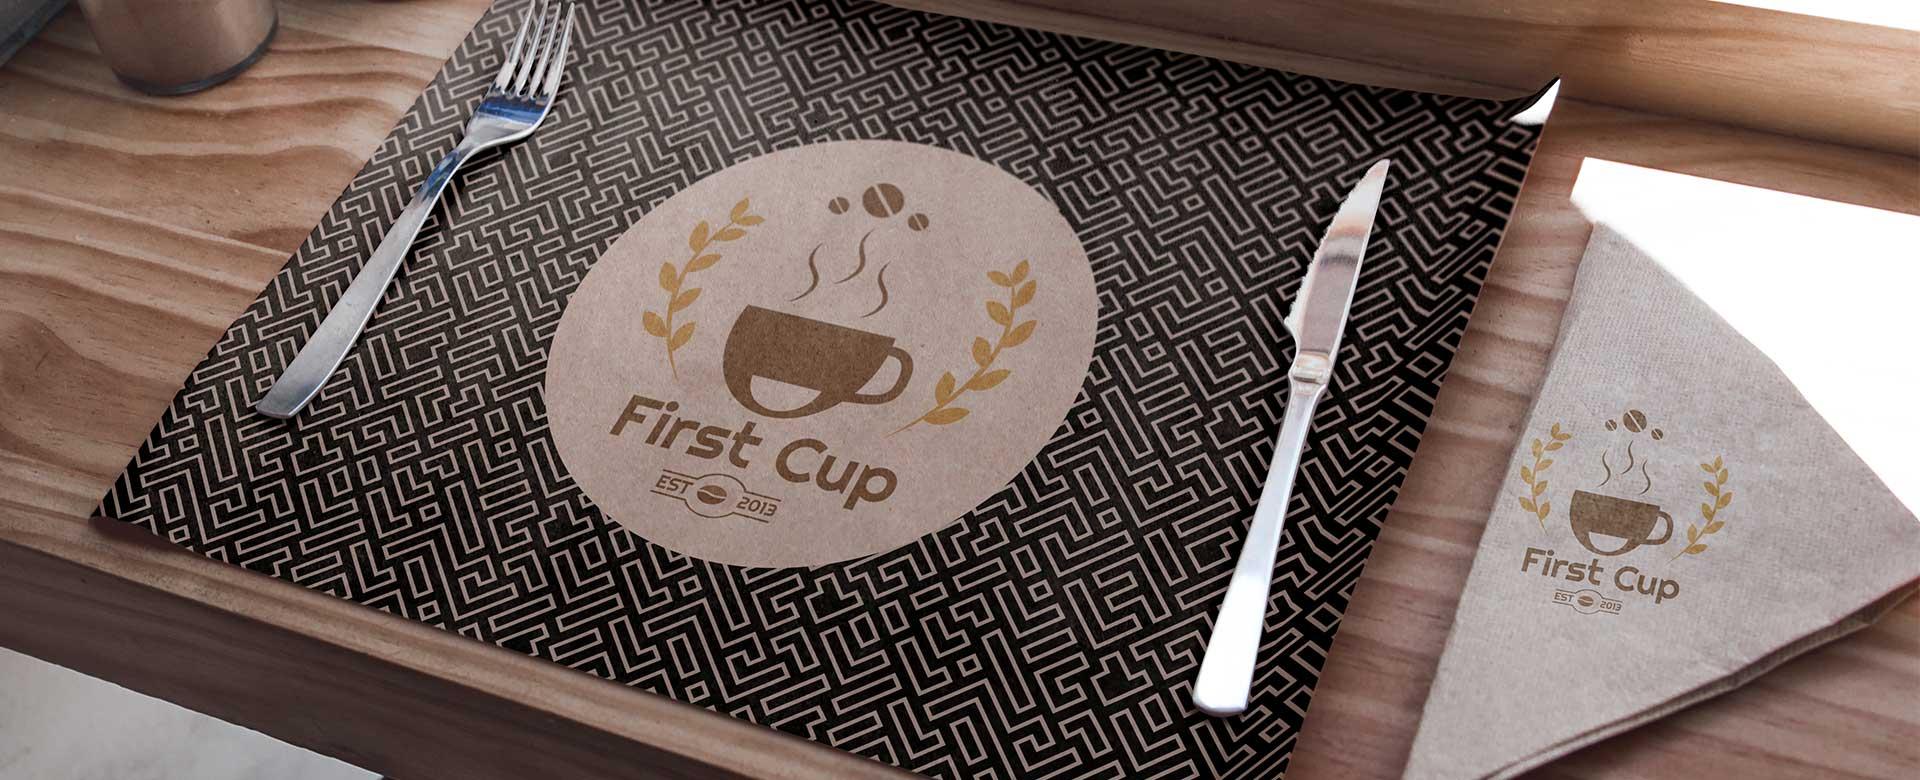 banner-firstcup